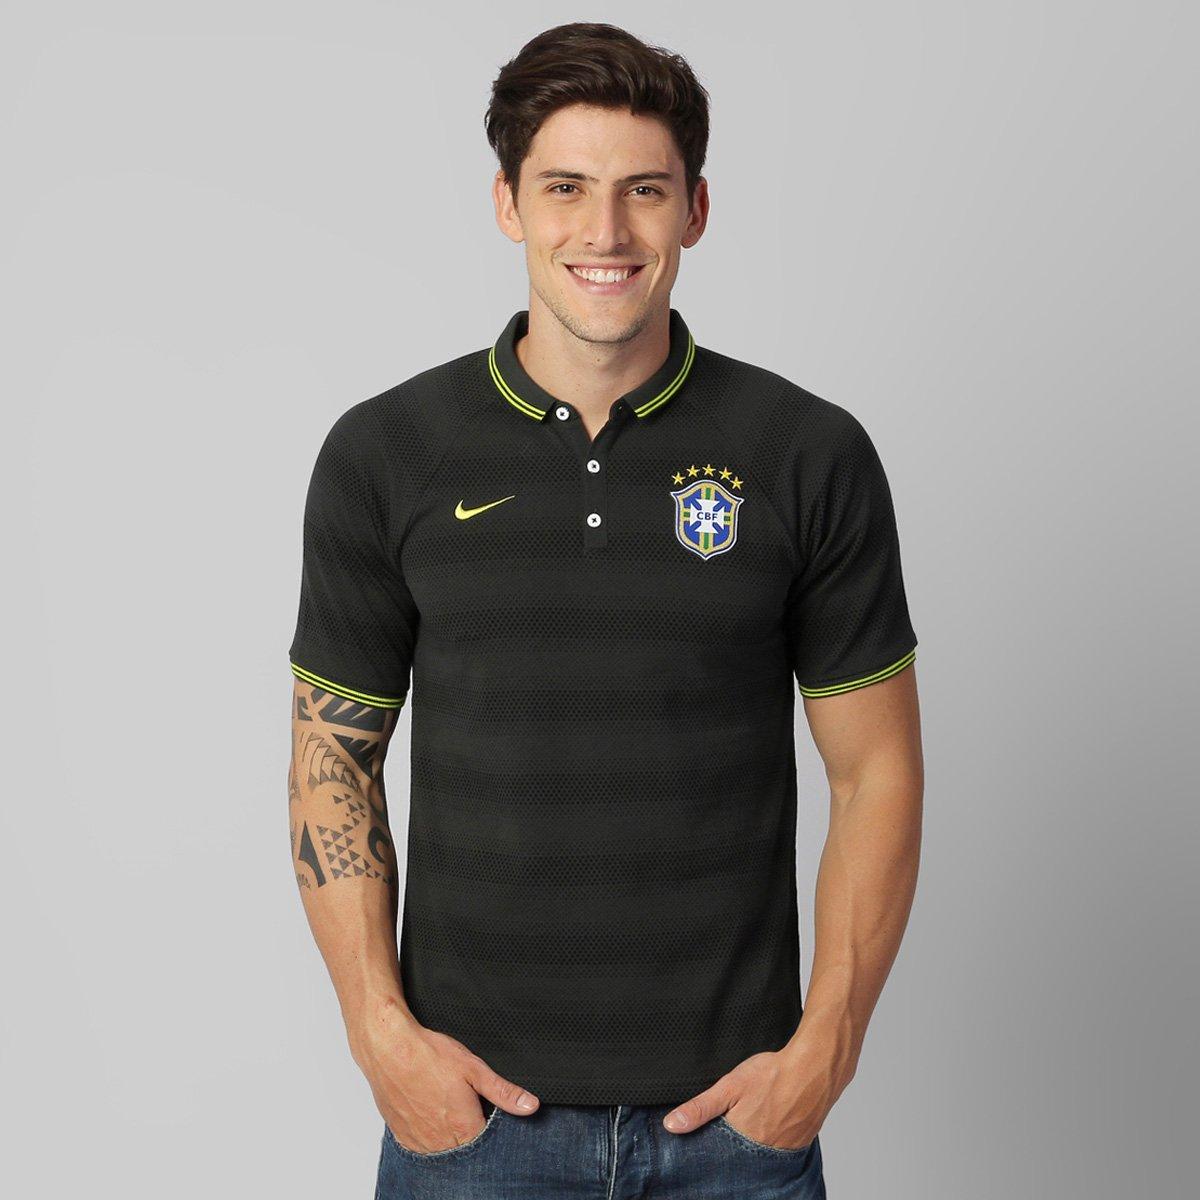 78dbc22d8c934 Camisa Polo Nike Seleção Brasil Auth 2014 - Compre Agora